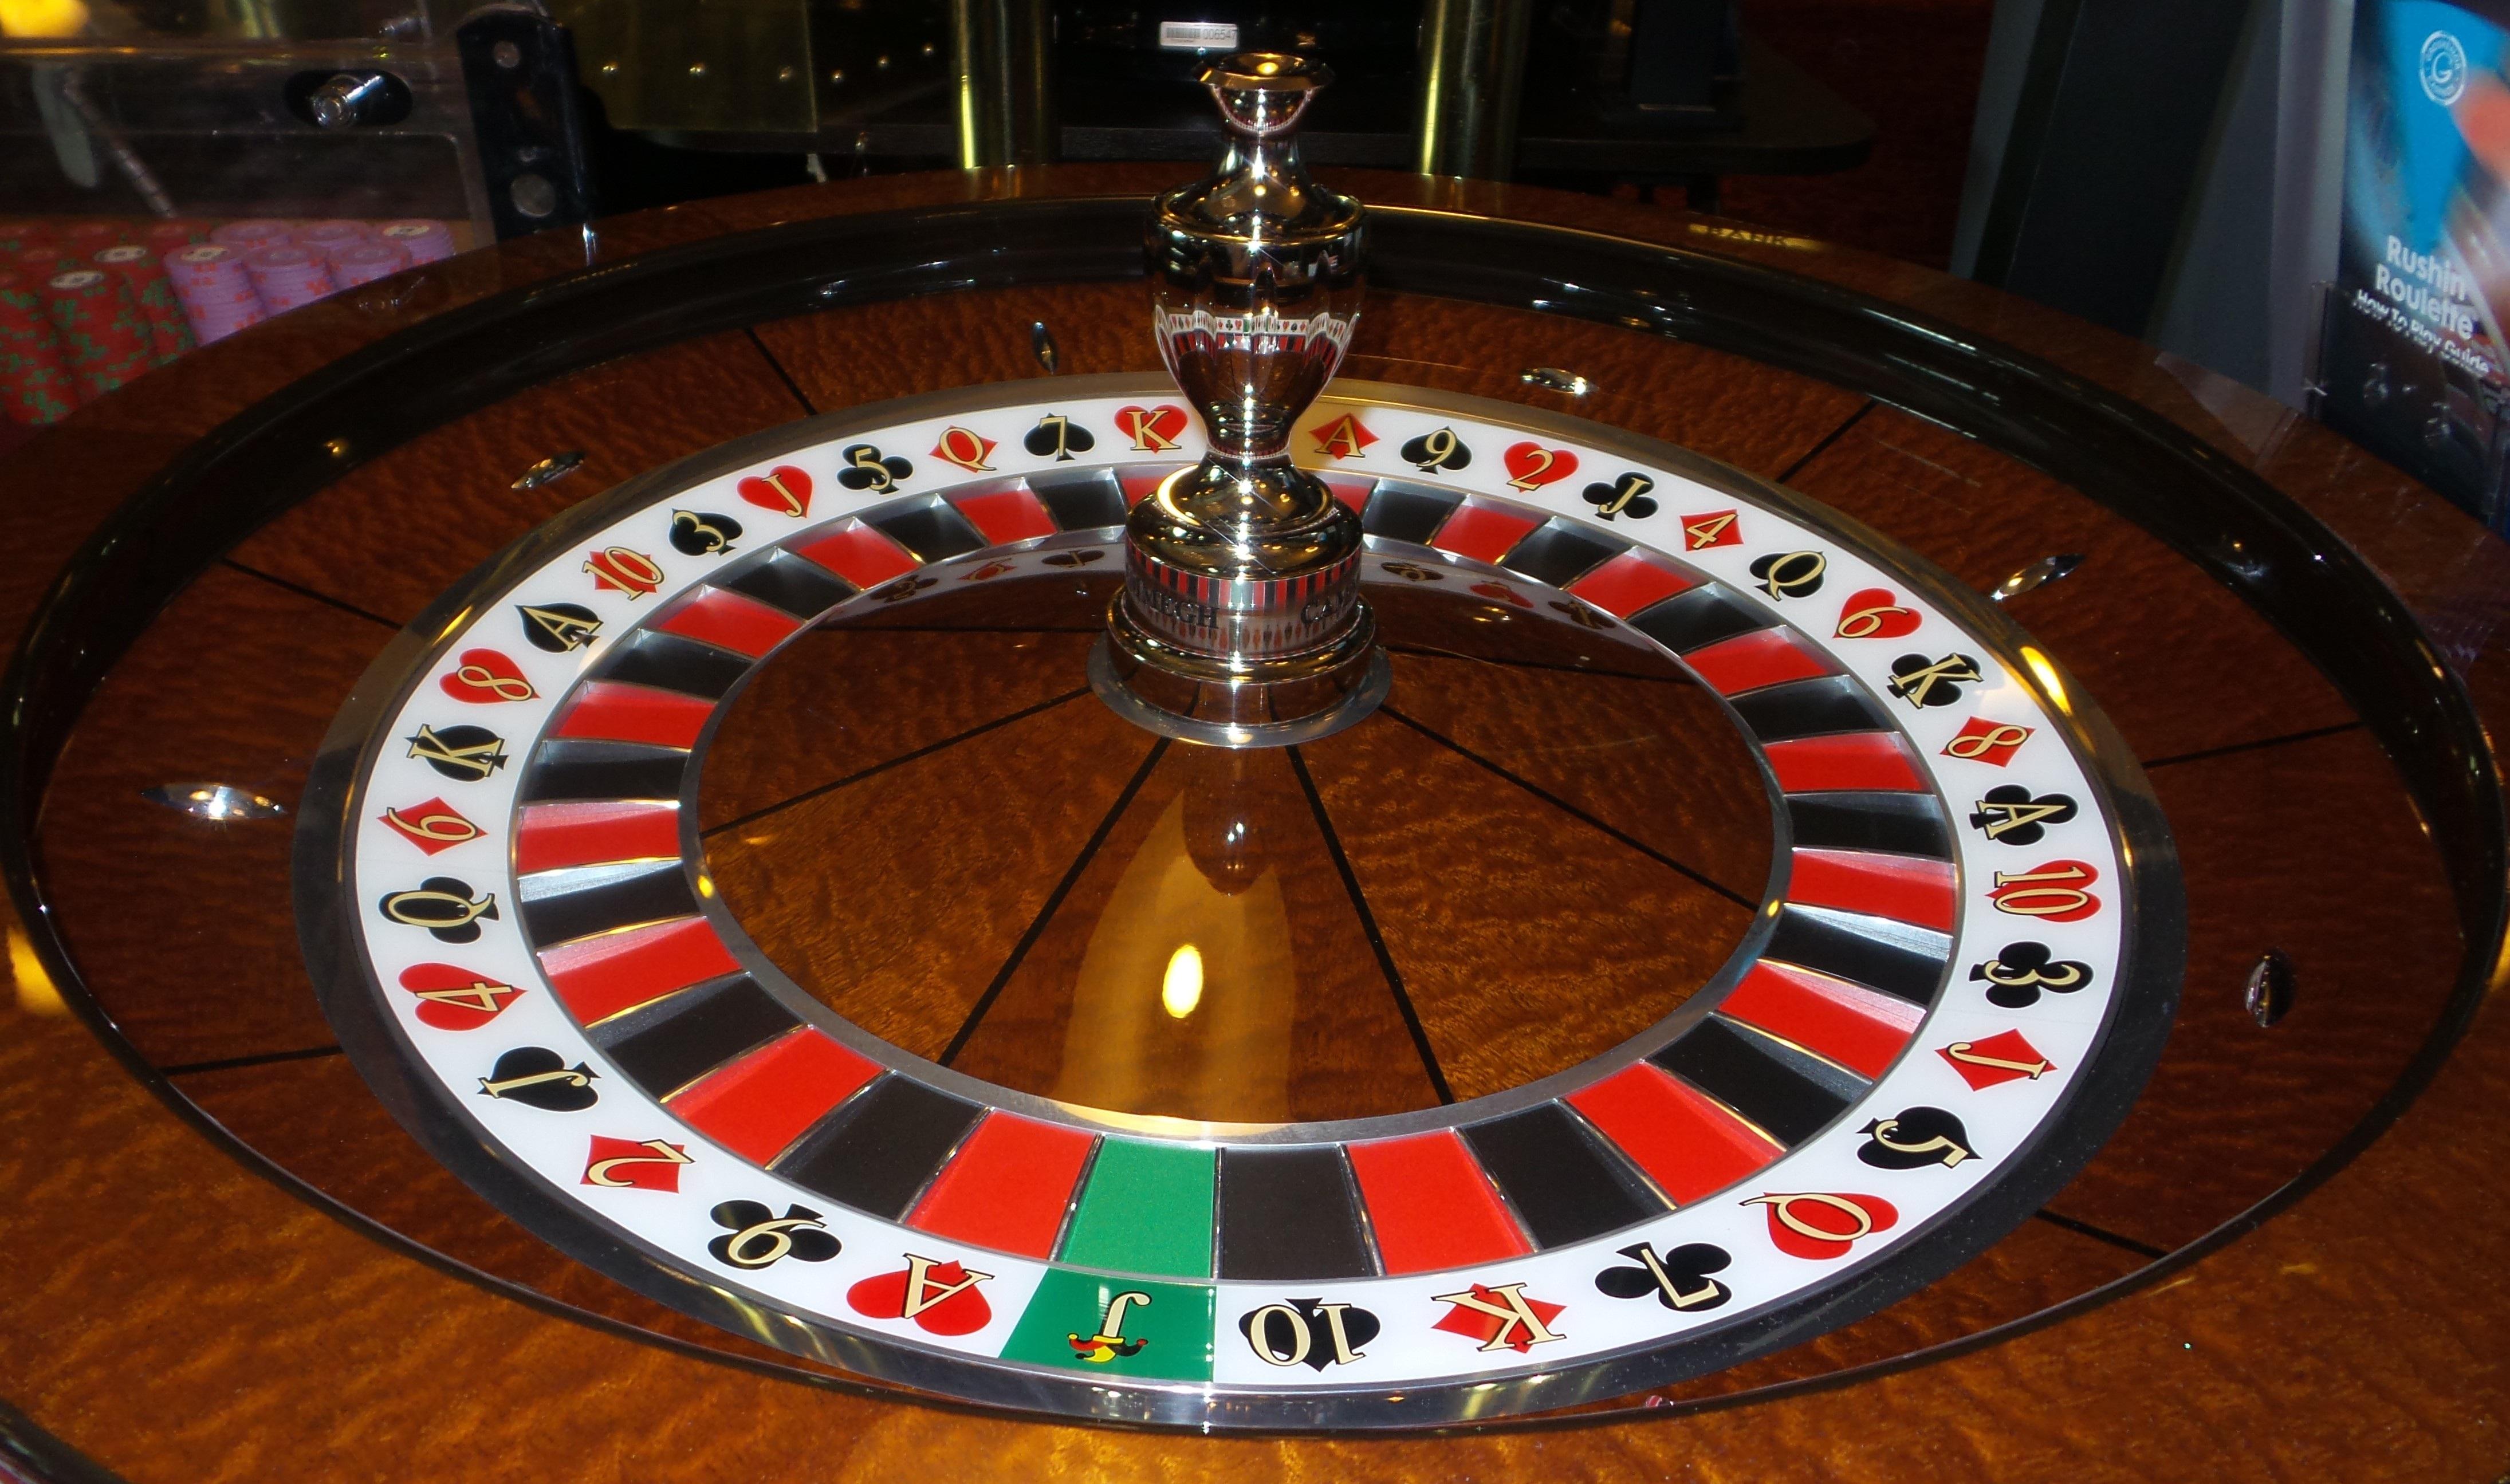 Джек пот казино играть в рулетку бесплатно сотрудник казино